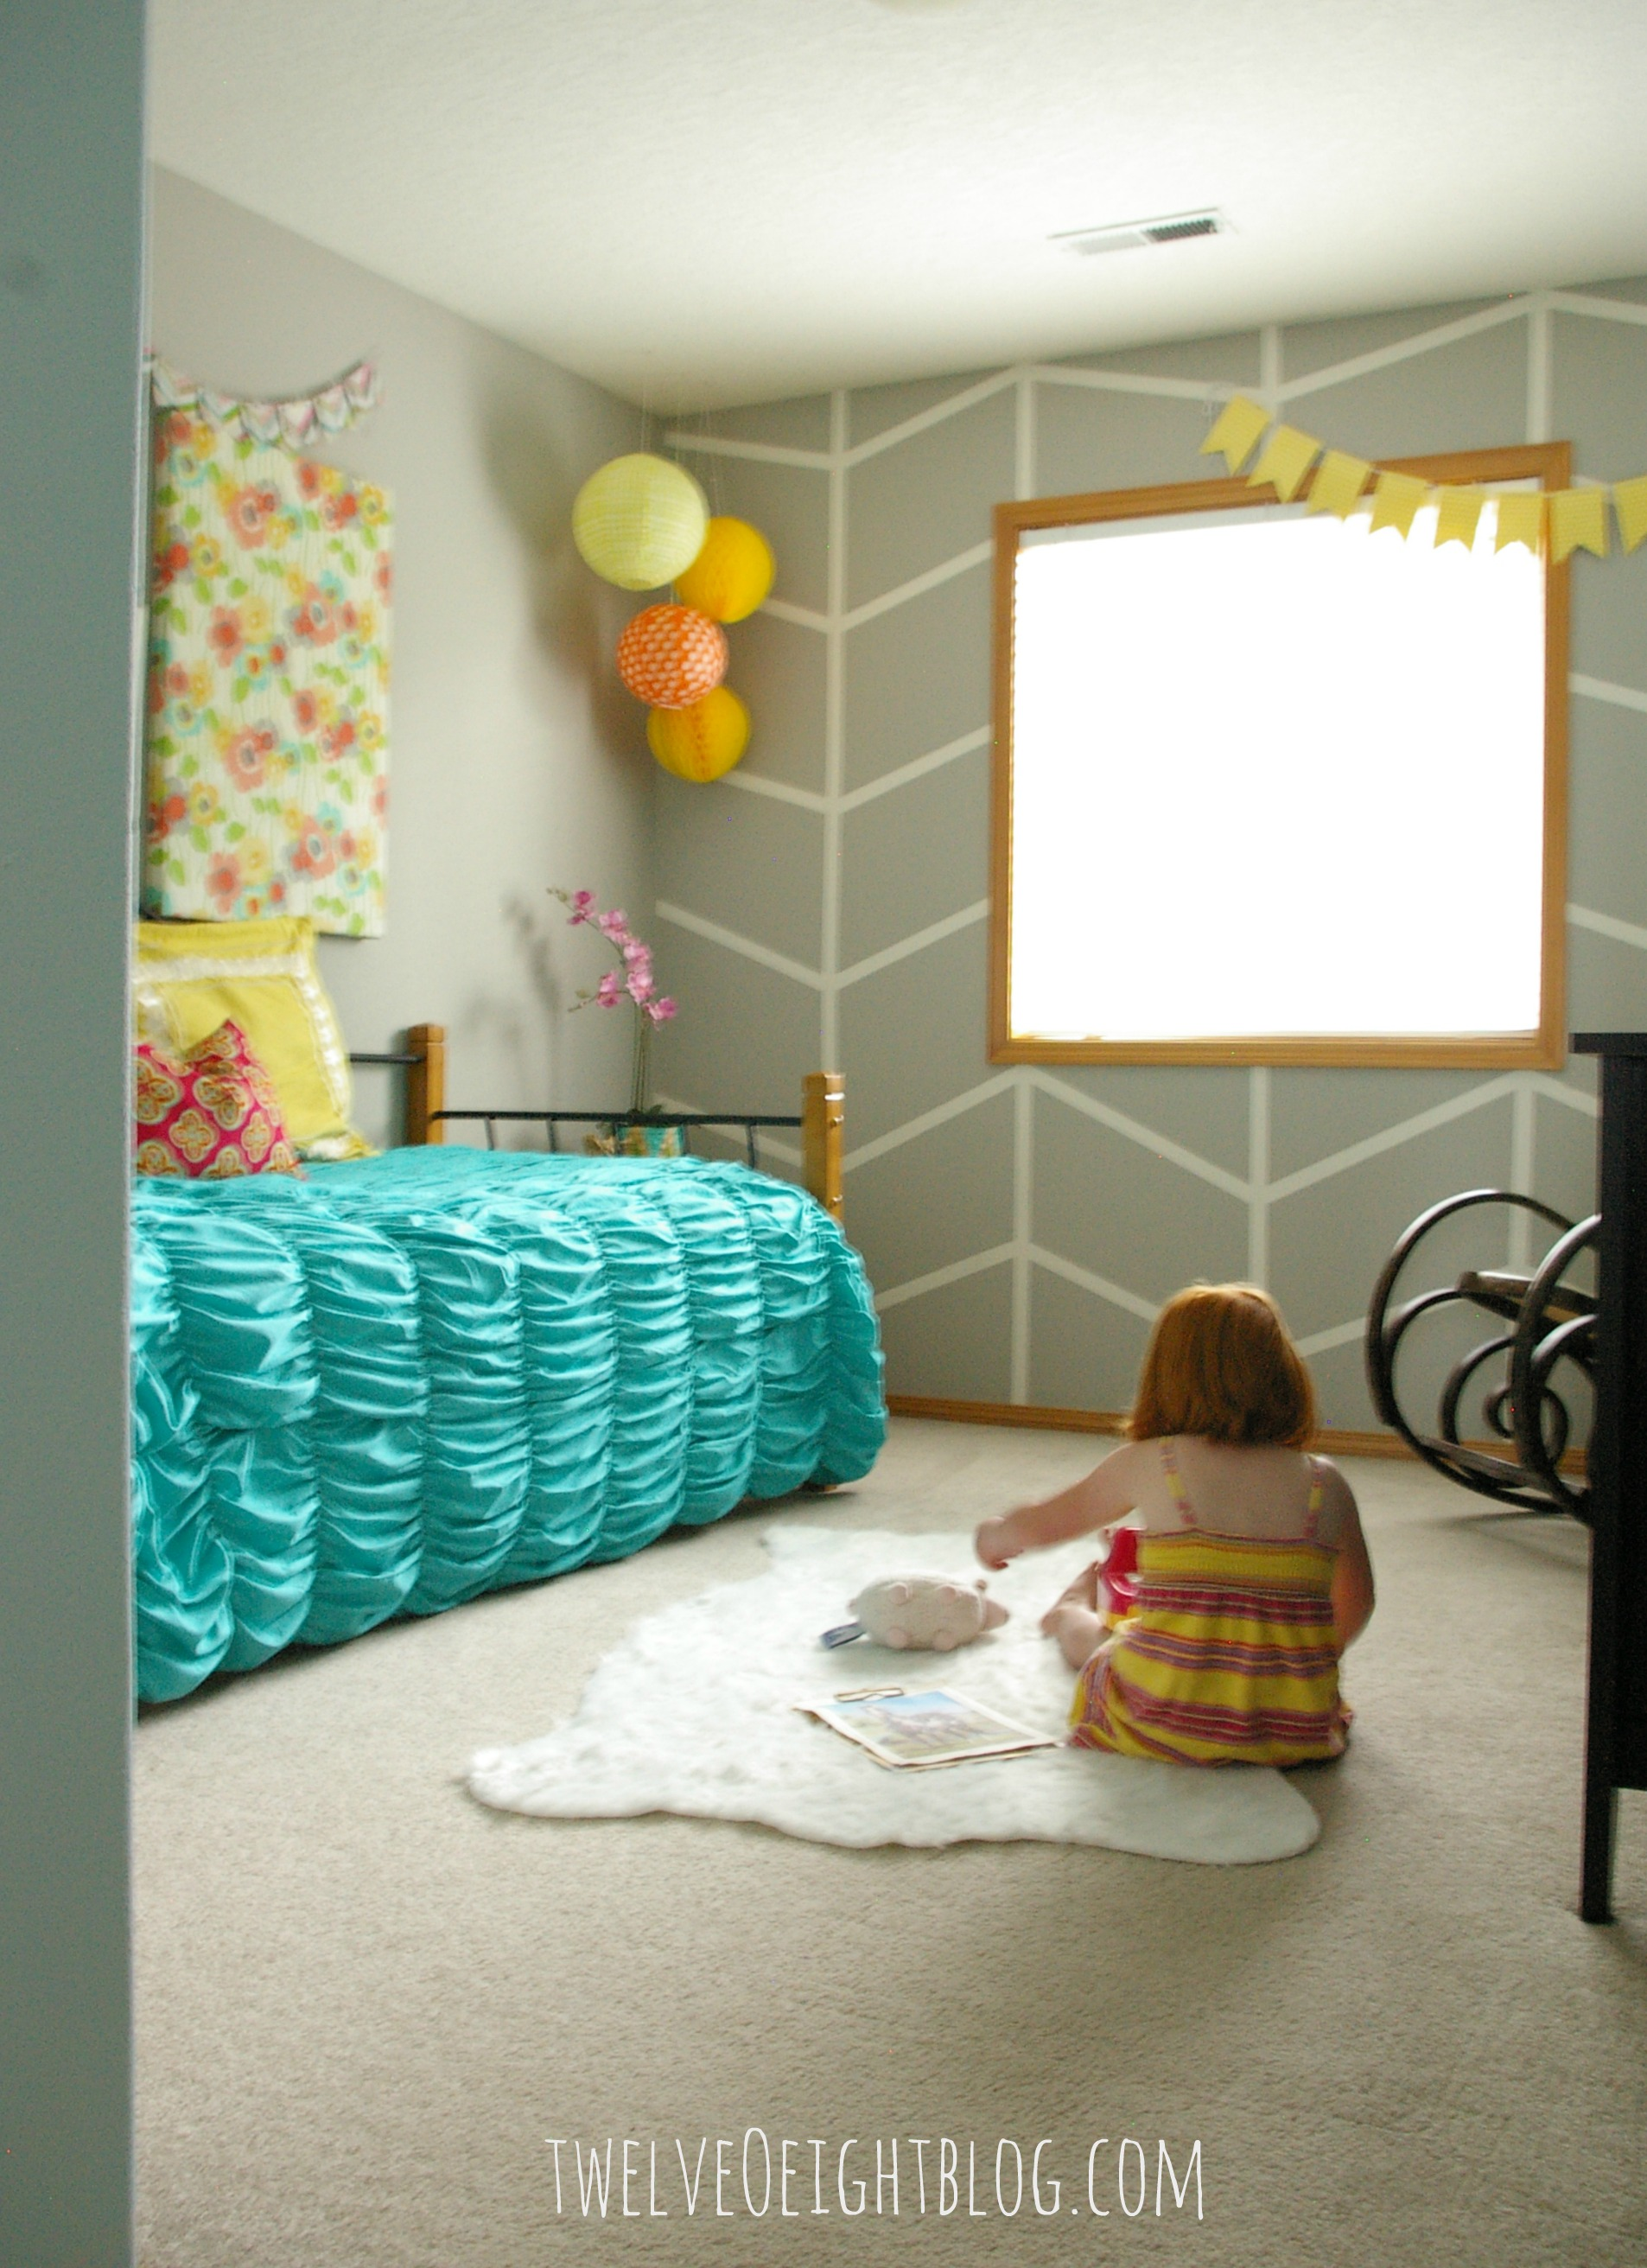 big girl bedroom makeover reveal. Black Bedroom Furniture Sets. Home Design Ideas